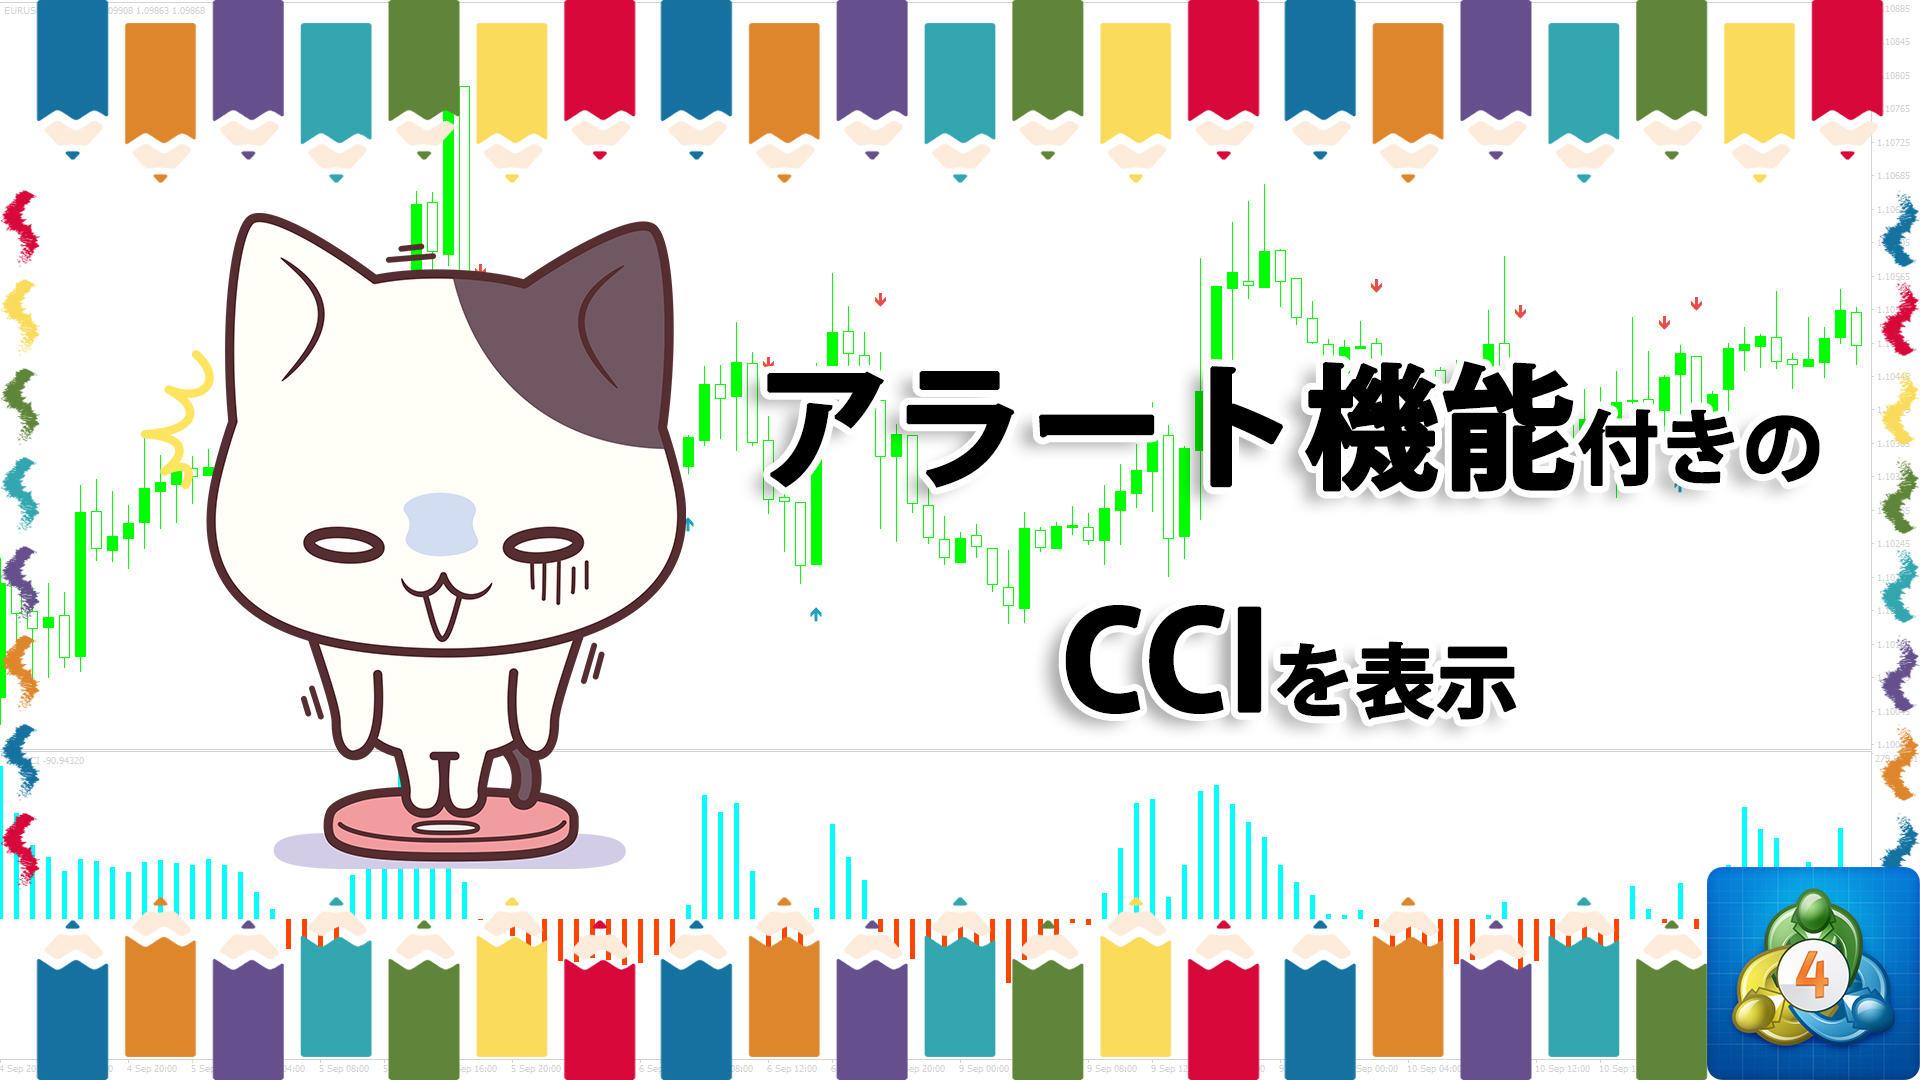 CCIのシグナルを矢印で表示してアラート通知するMT4インジケーター「Tipu_CCI」